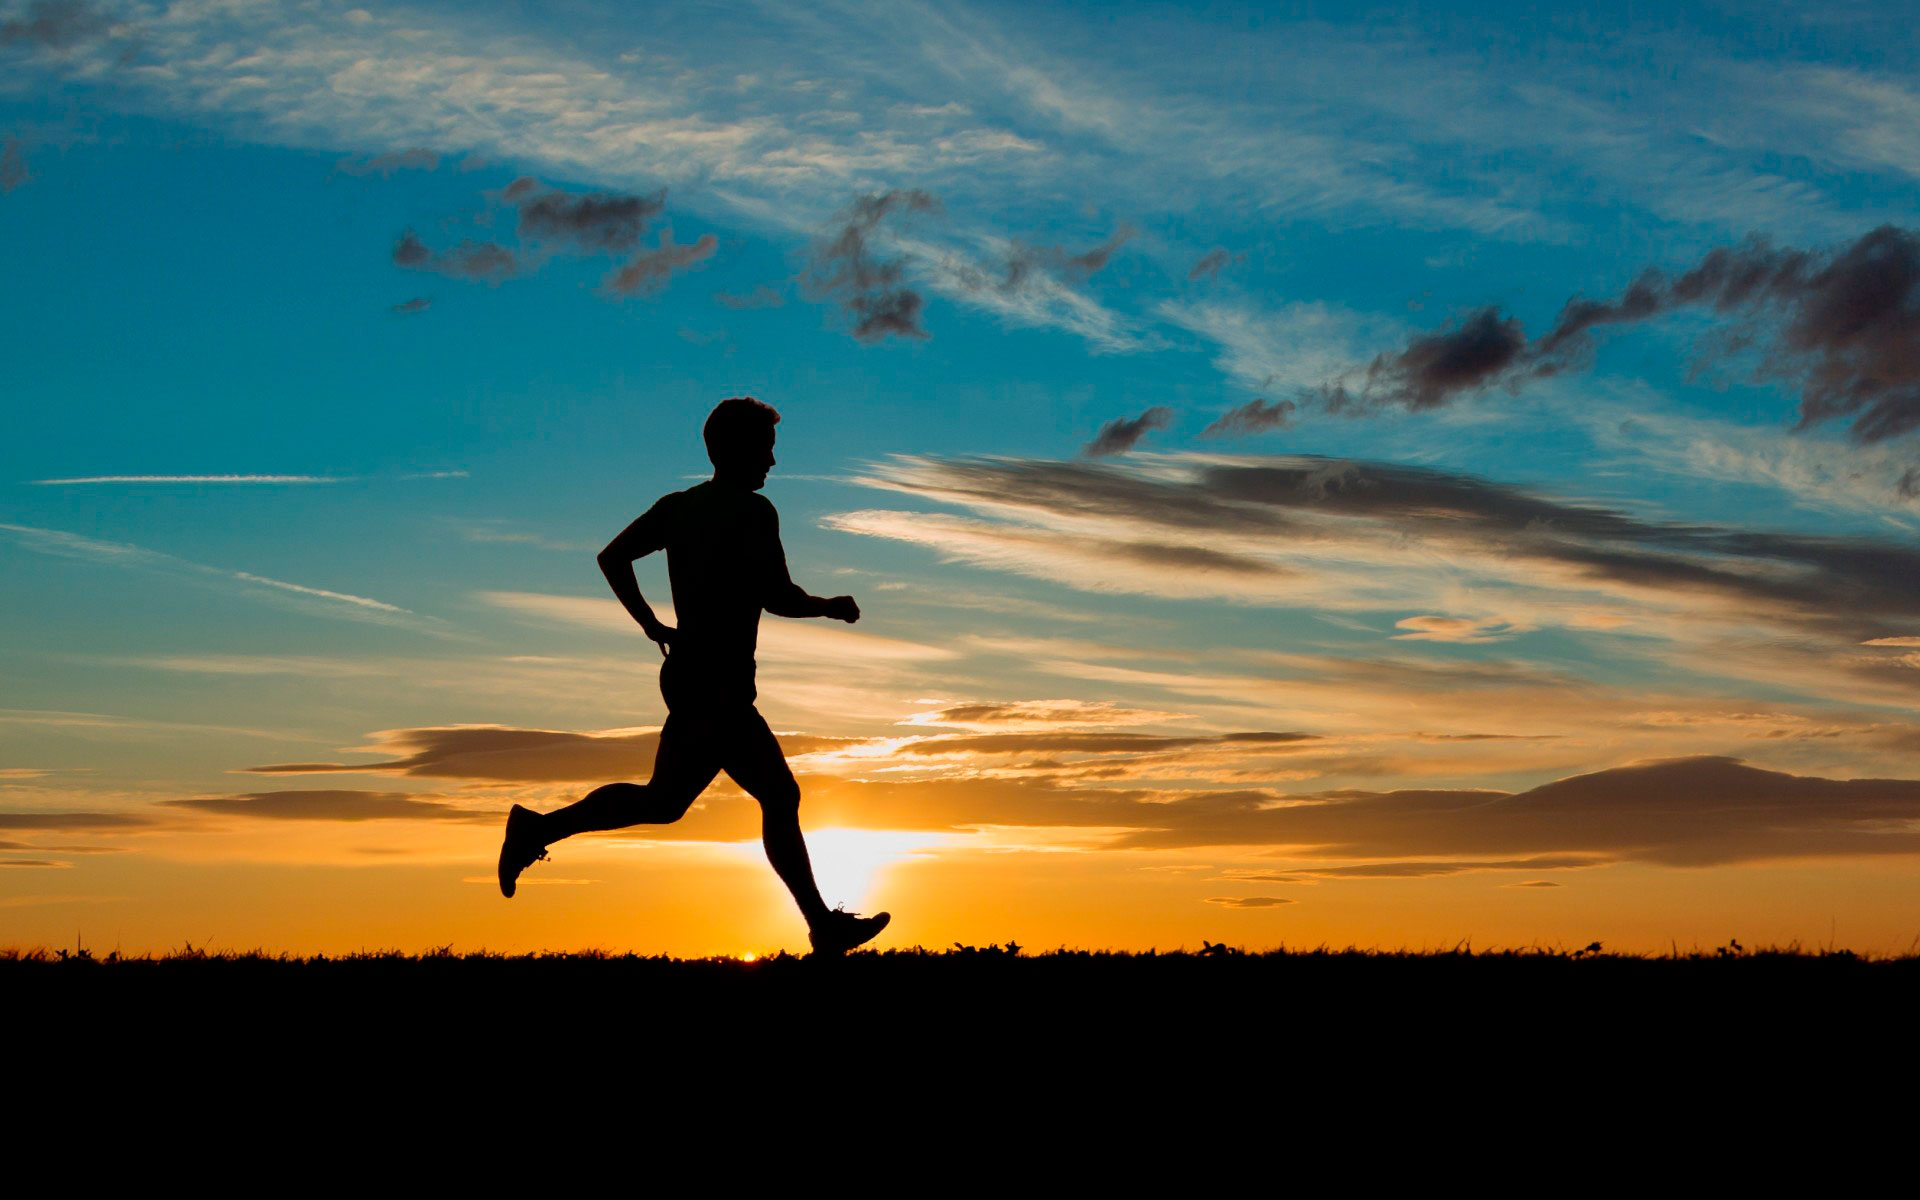 الركض والعظام